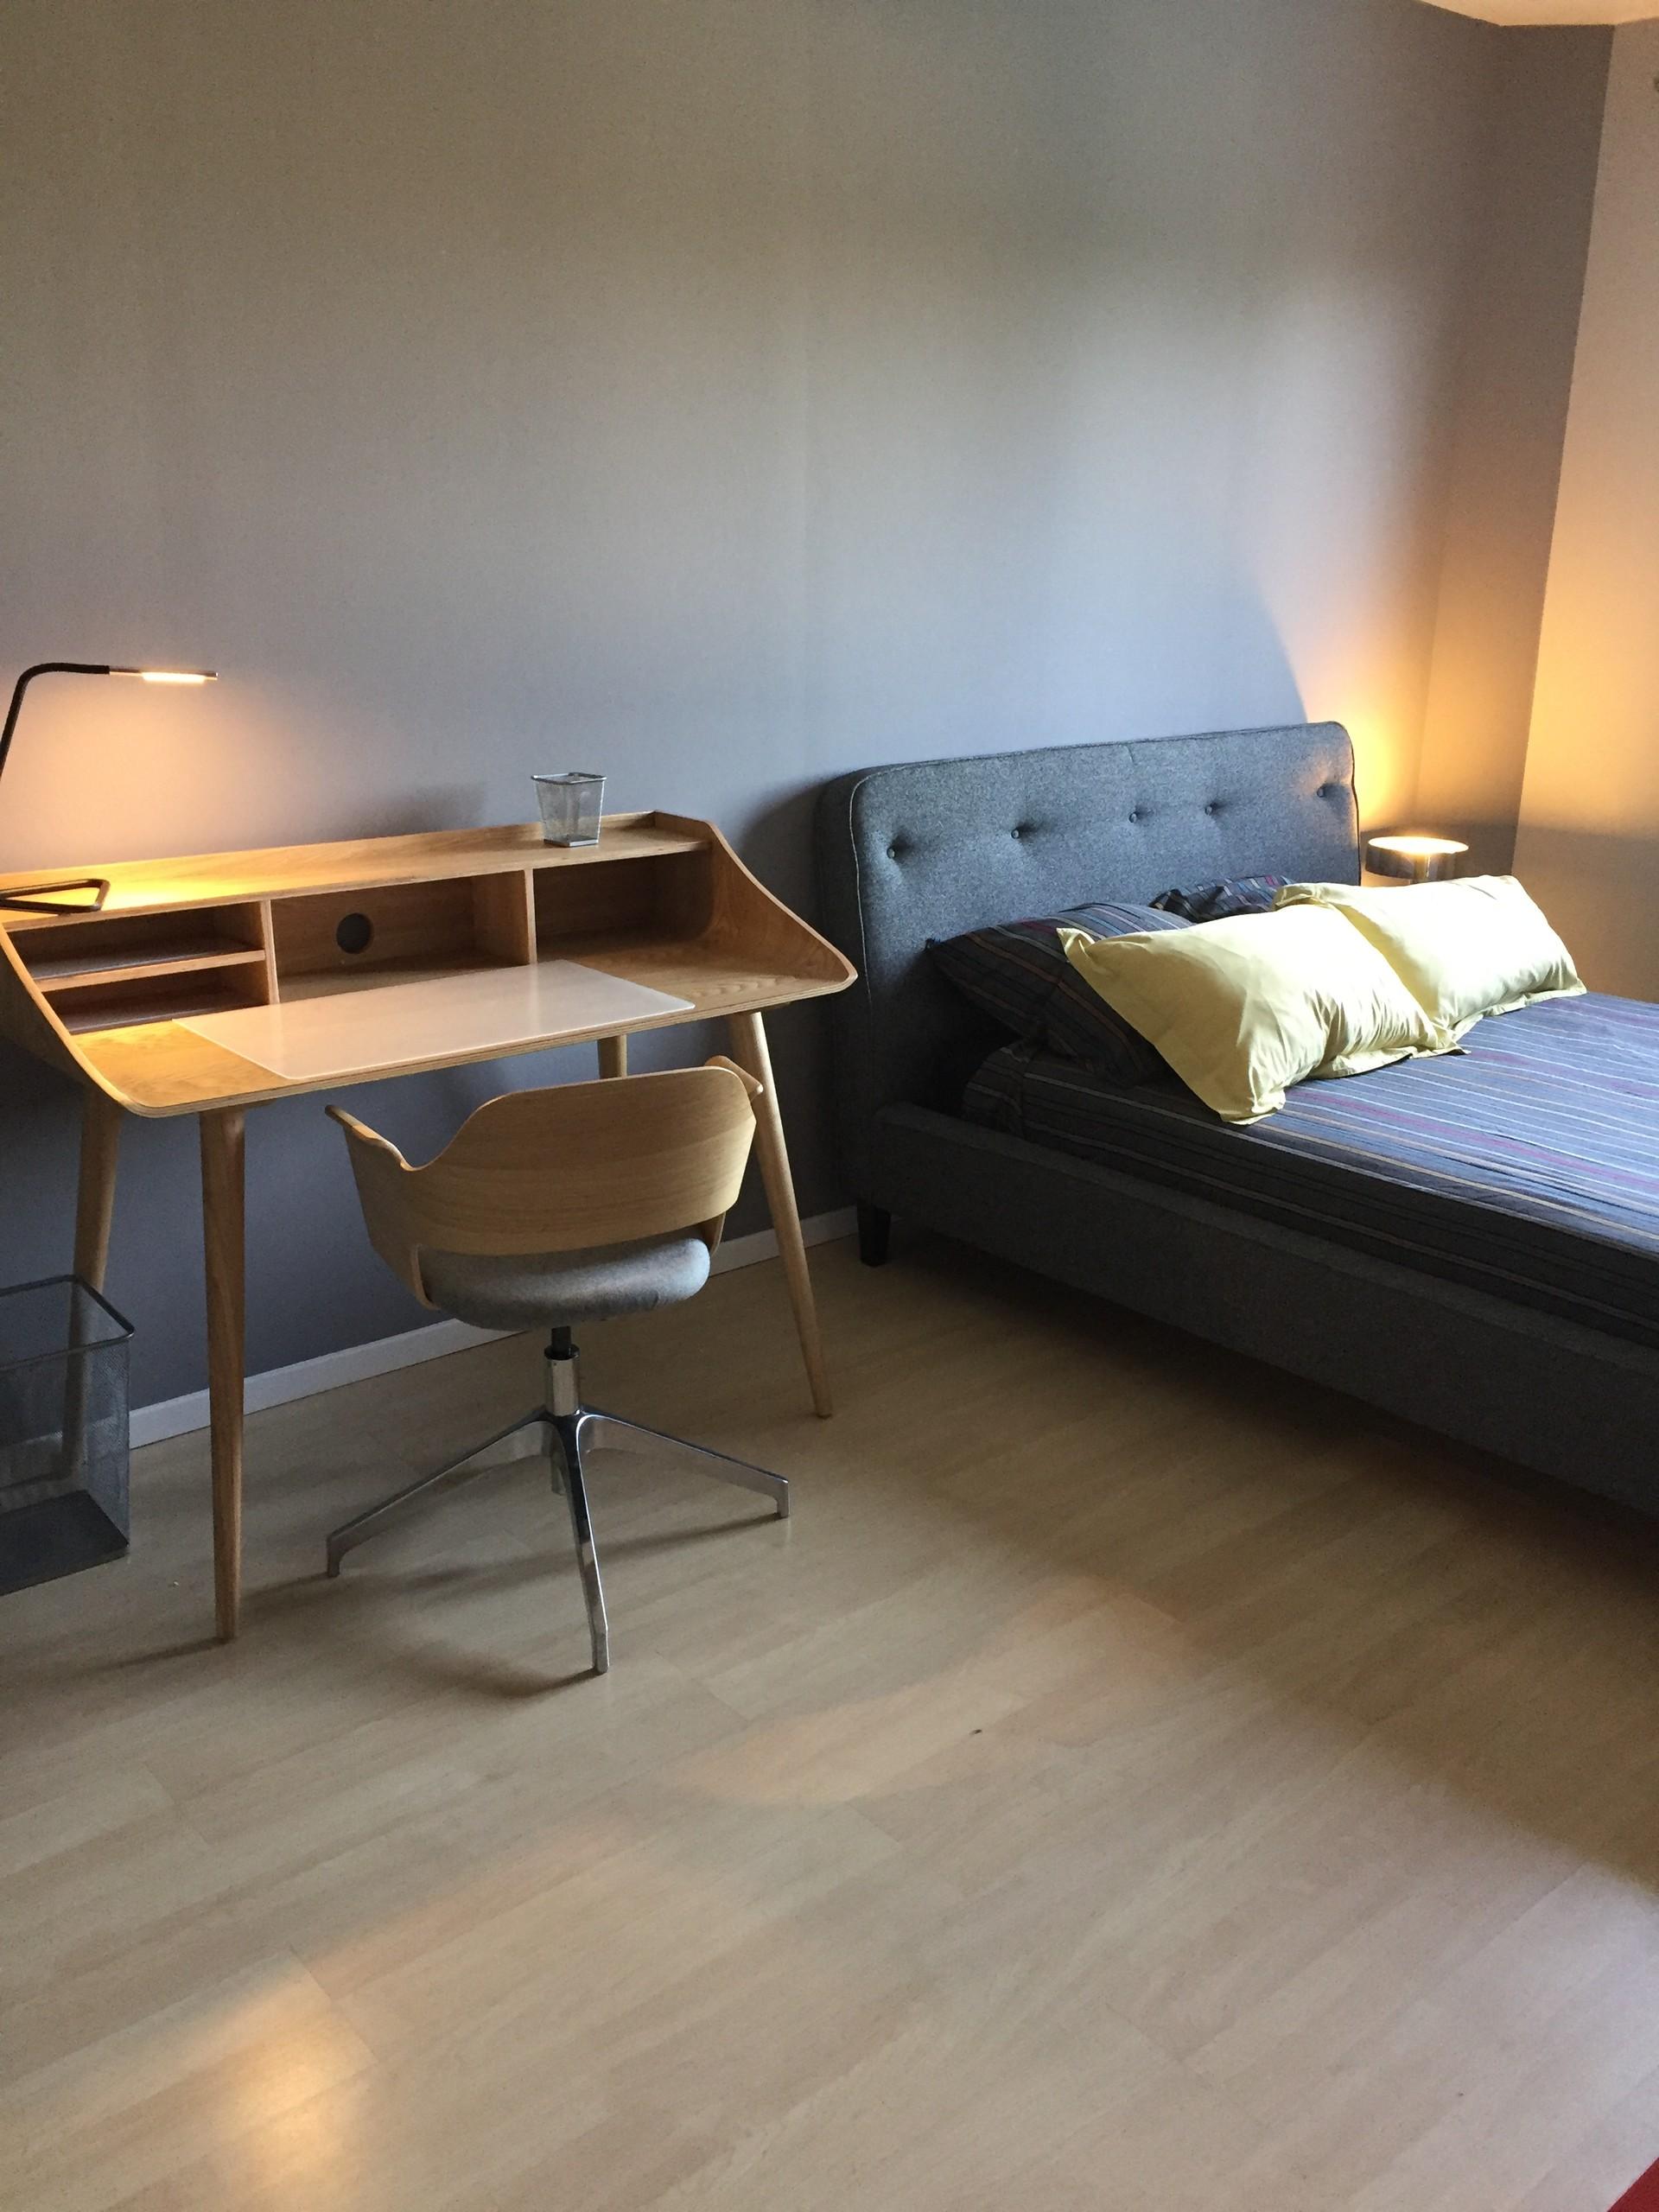 Chambre spacieuse | Résidences universitaires Lyon